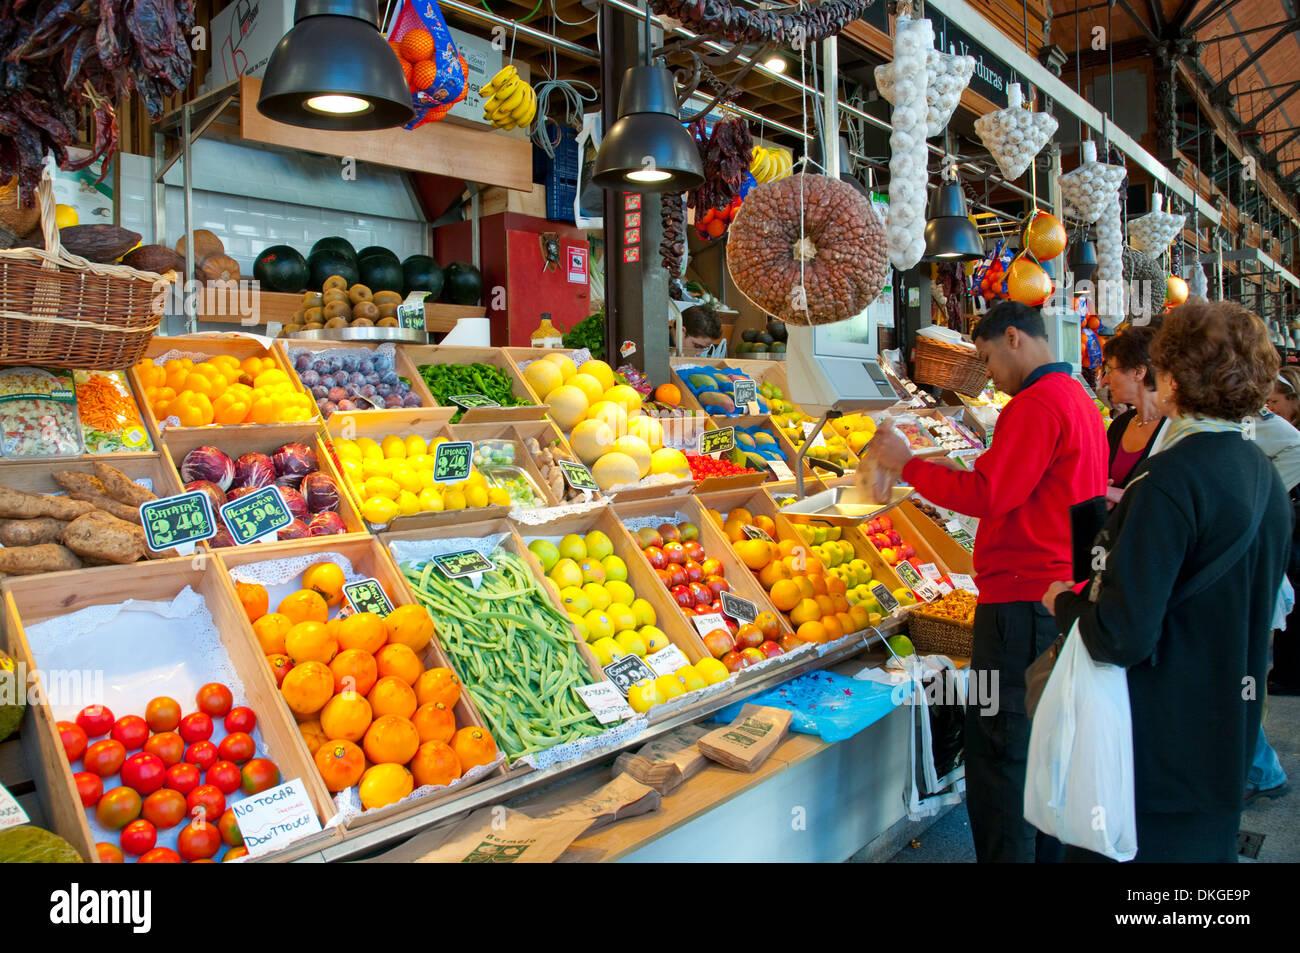 Tienda de fruta. Mercado de San Miguel, Madrid, España. Foto de stock